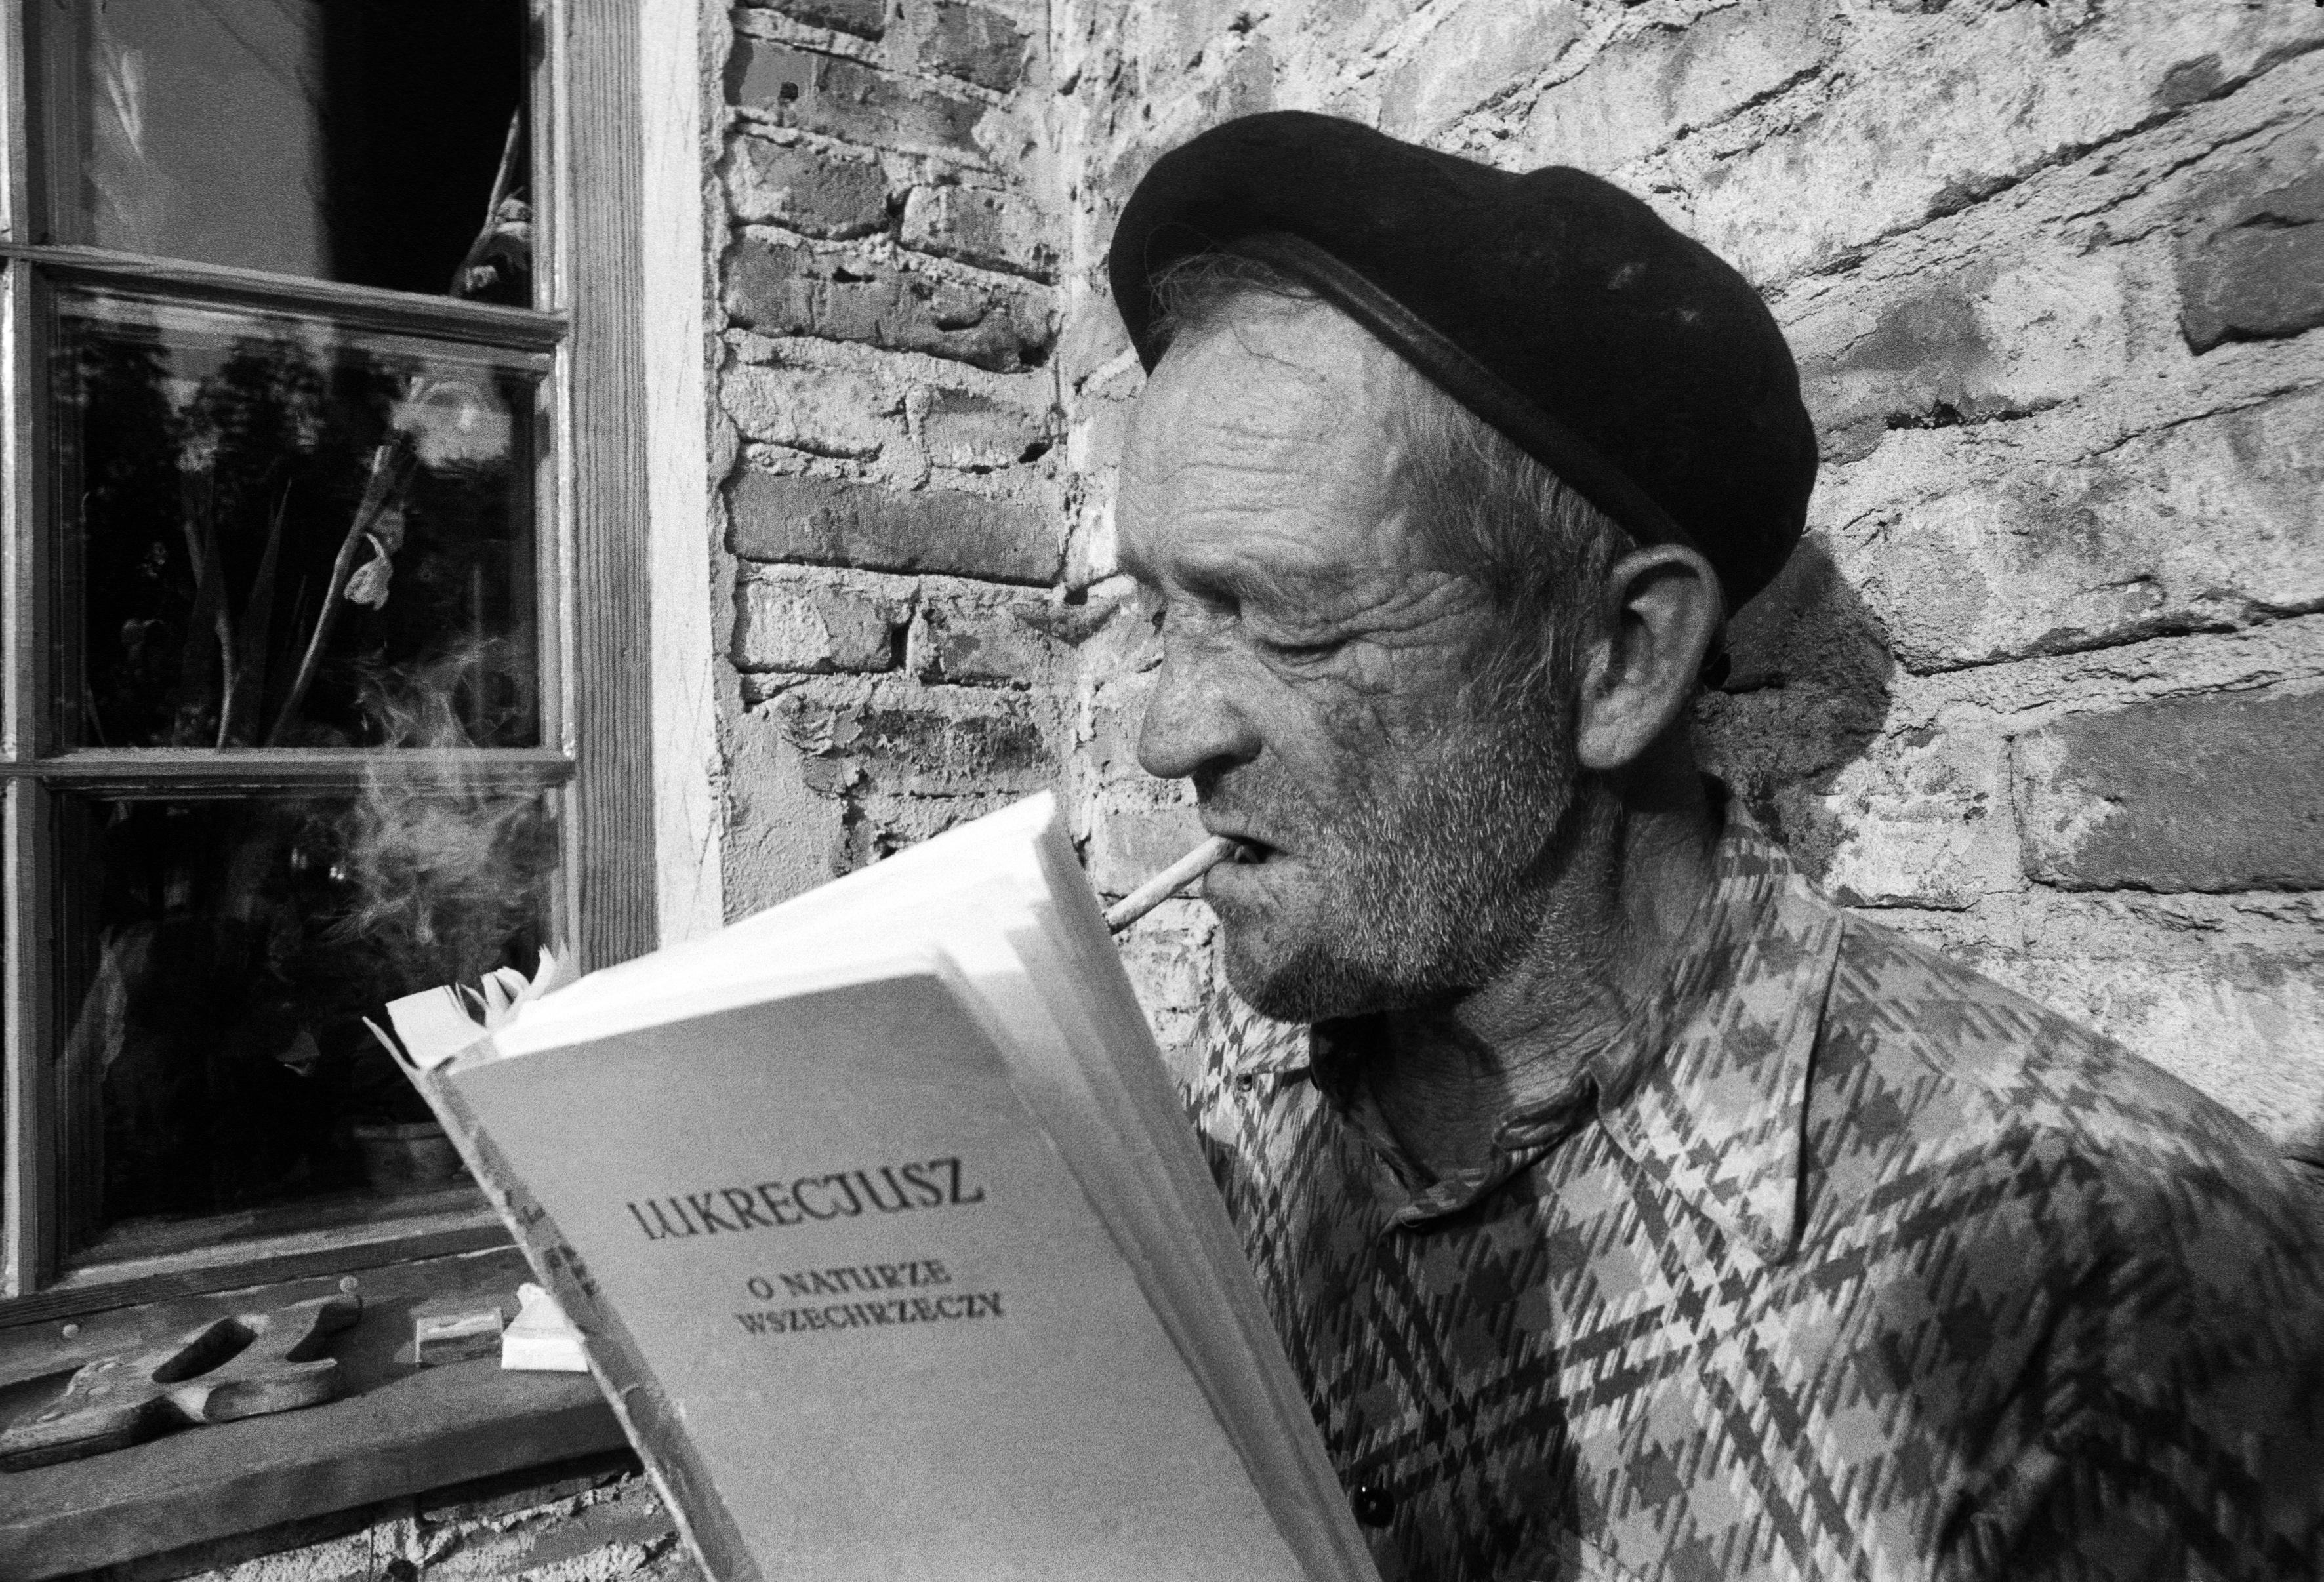 Warszawa, 07.1977. Zdun czyta Lukrecjusza. Fot. Aleksander Jałosiński/FORUM